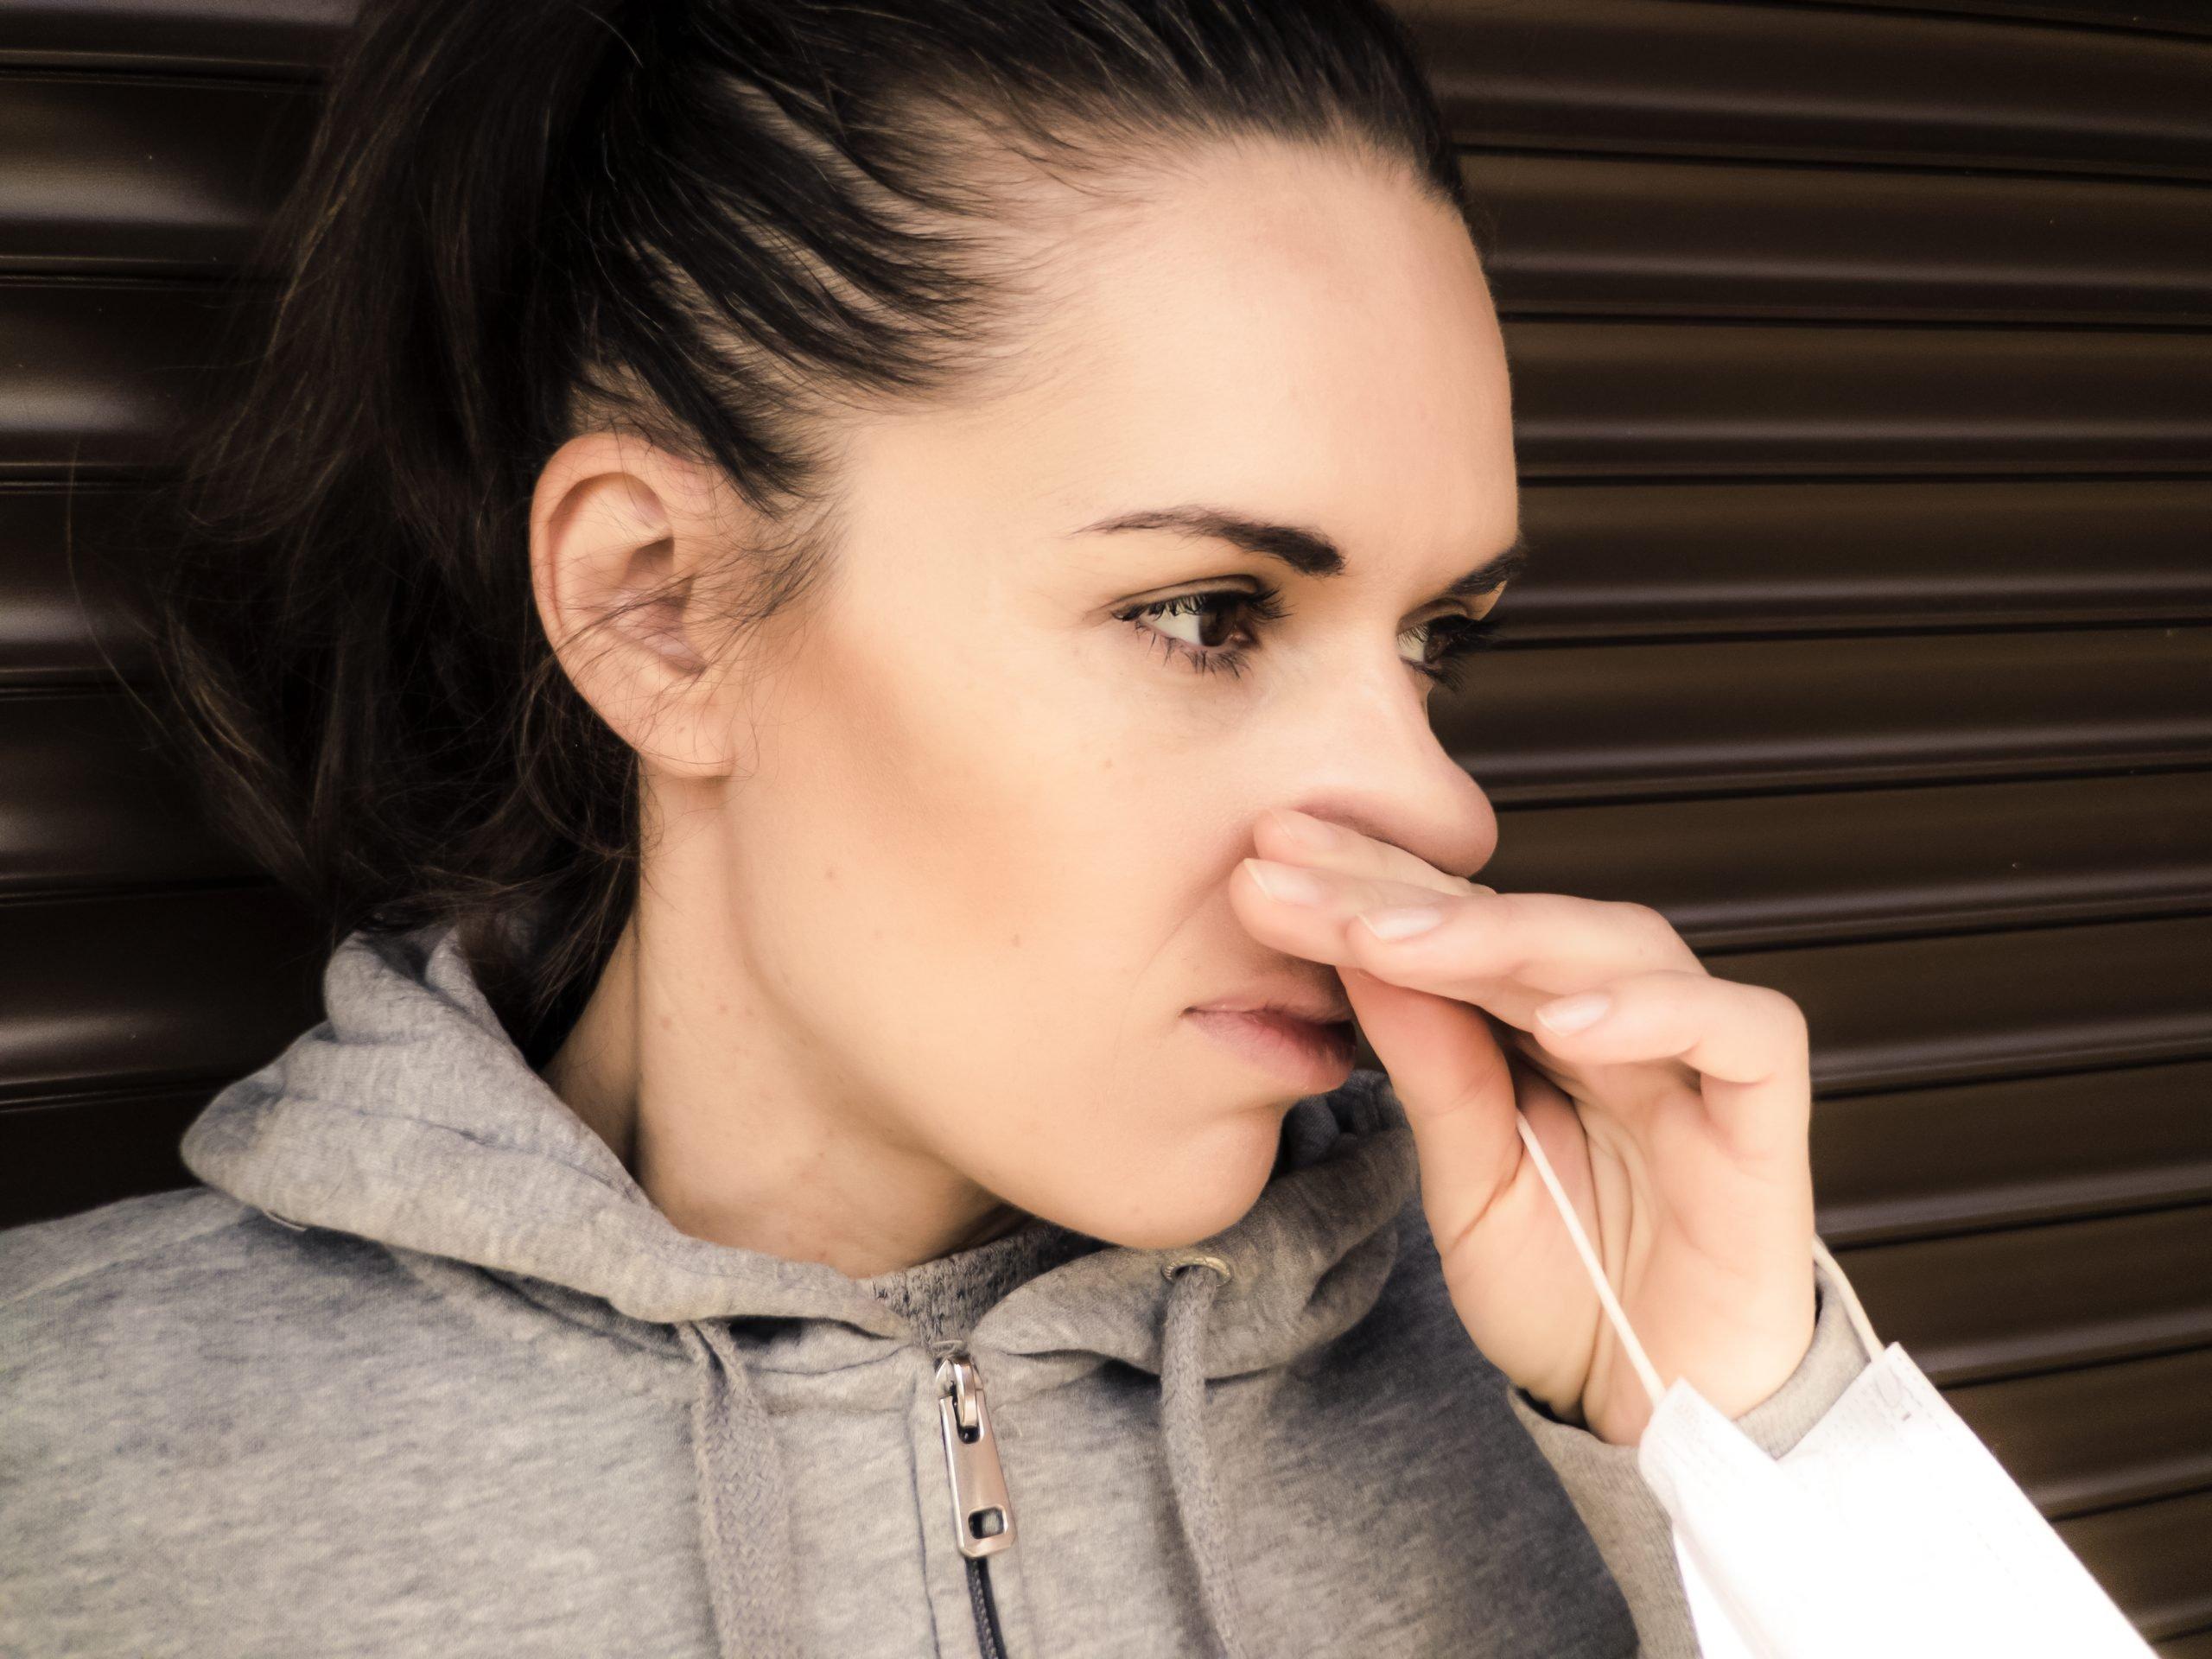 Žena si škrabe nos